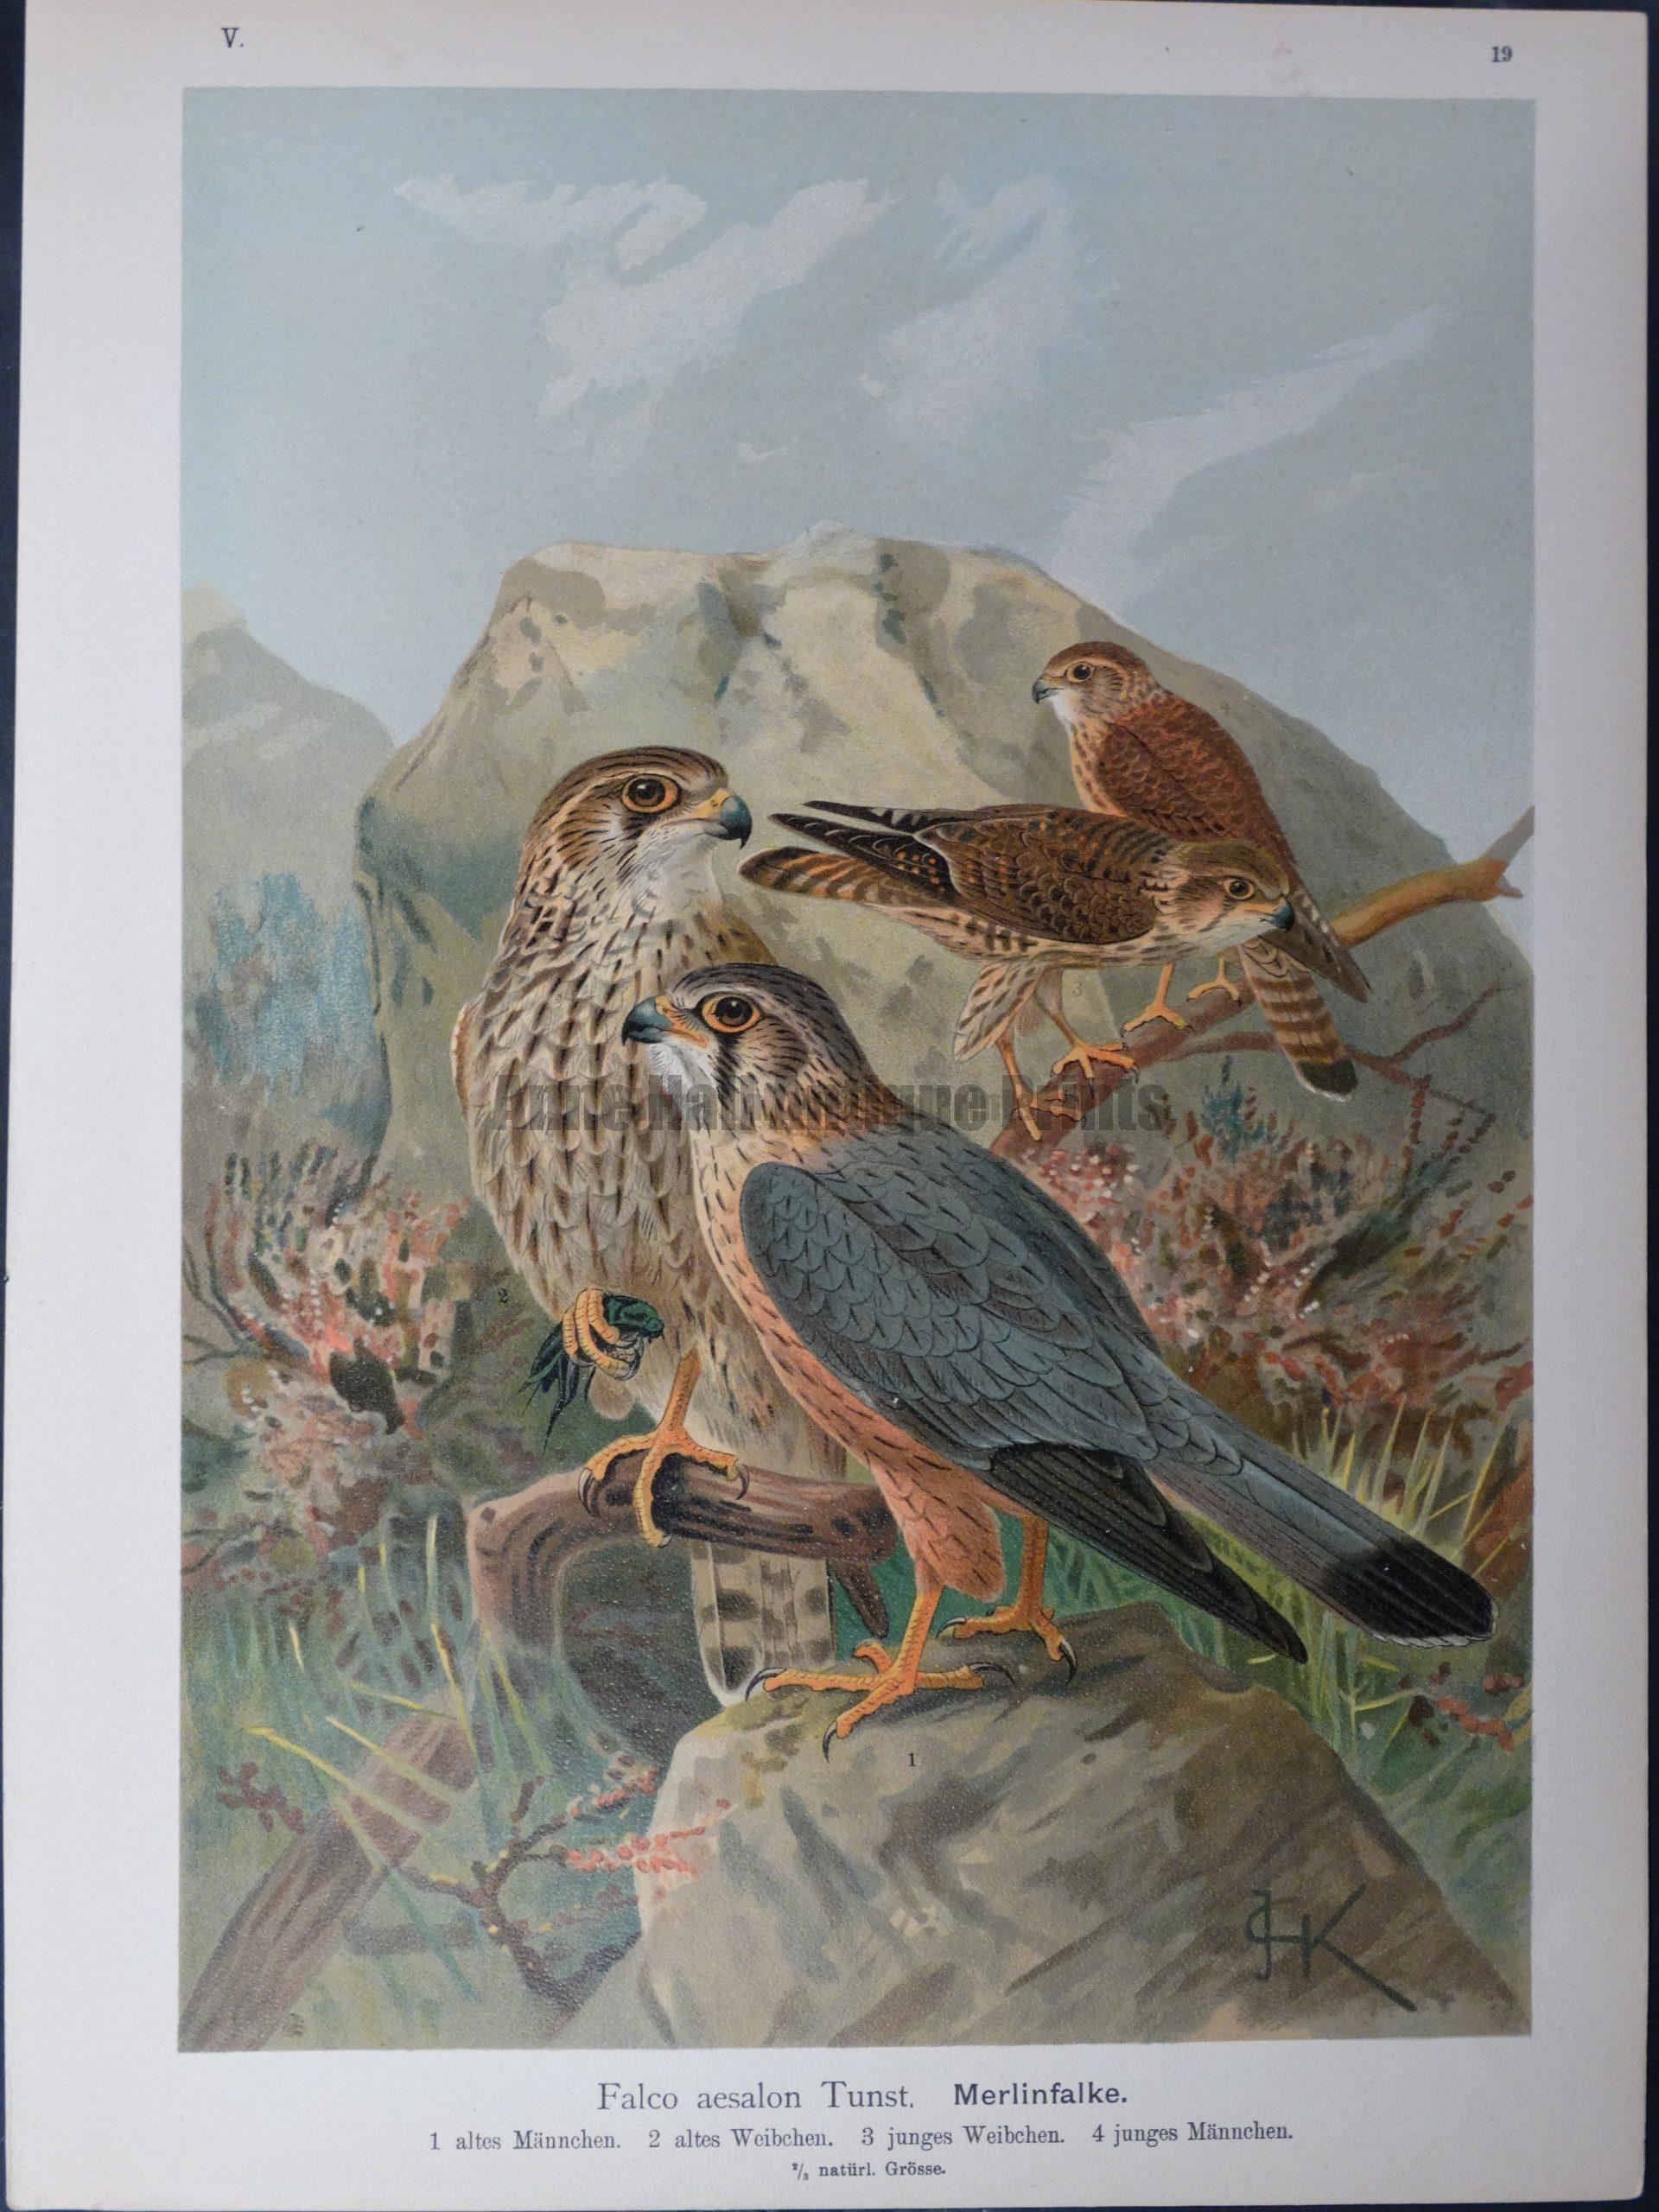 Falco aesalon Tunst, 1895